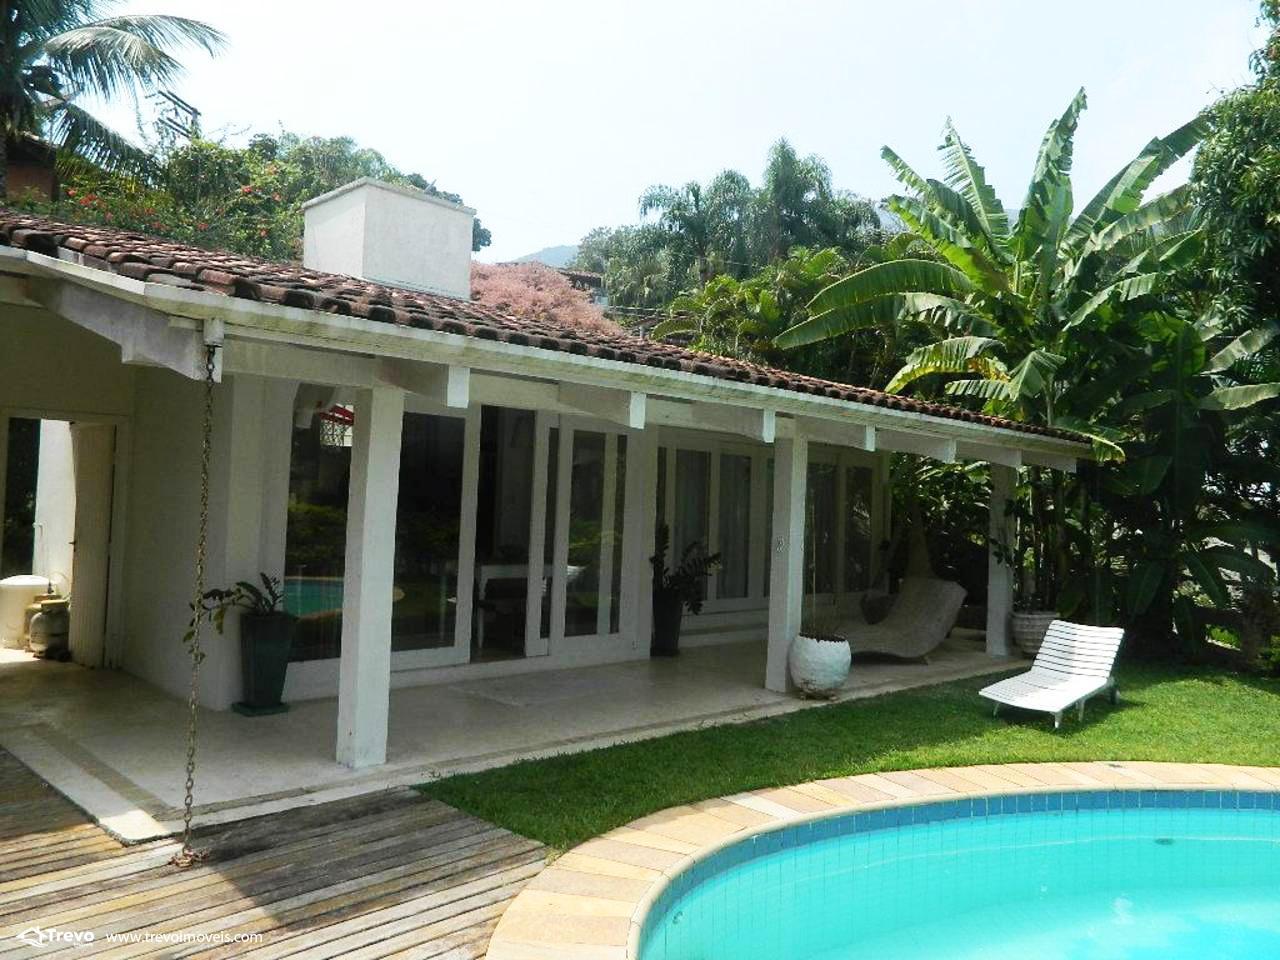 Casa a venda em Ilhabela com acesso ao mar praia e costeira